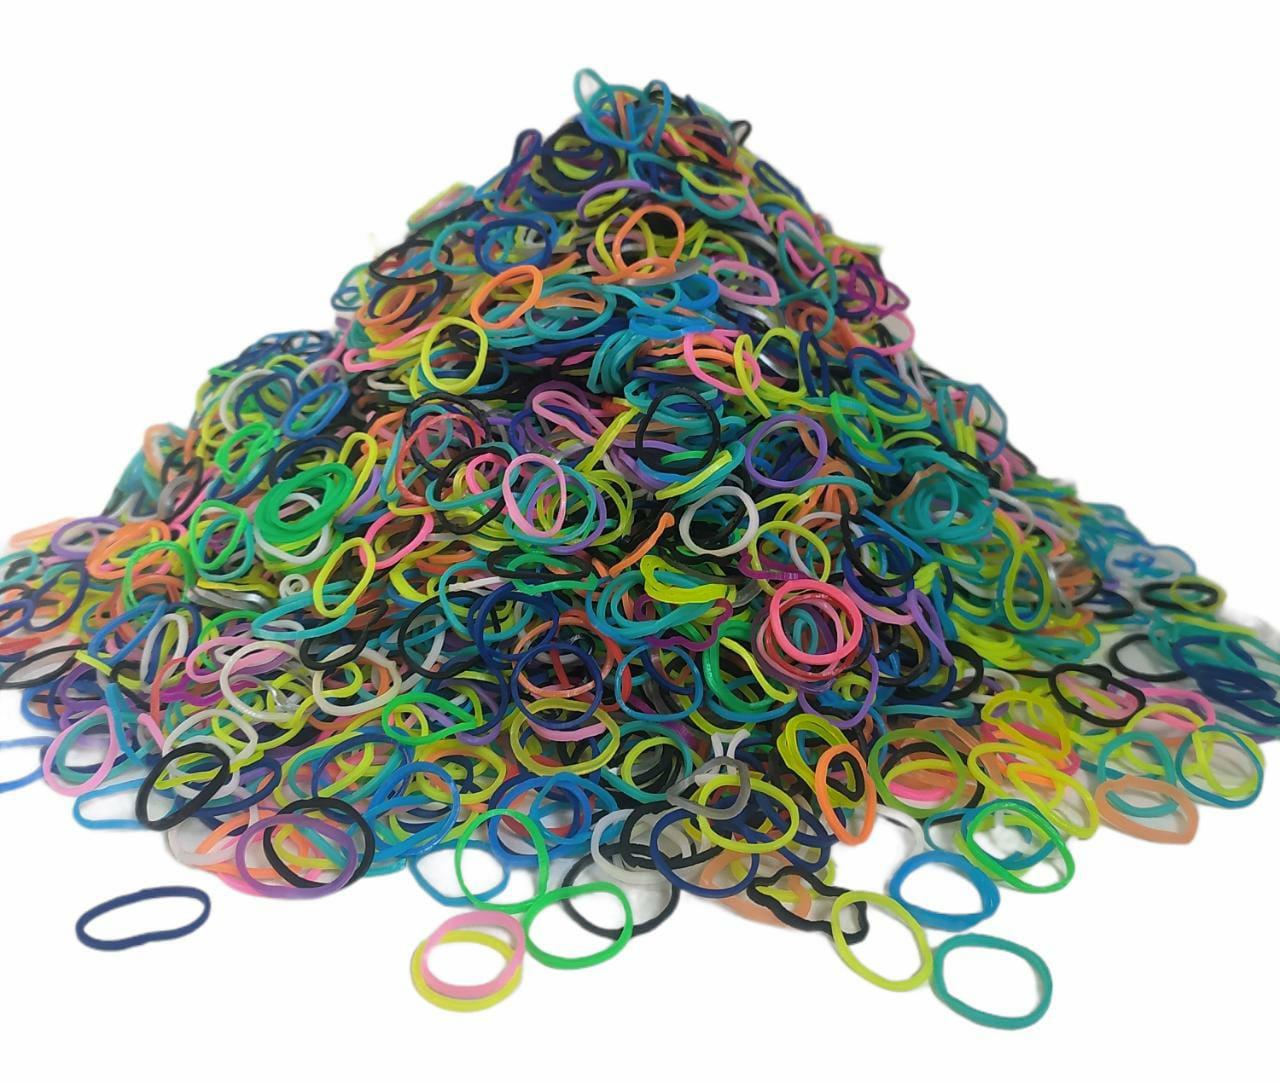 Elástico Látex Colorido c/ 2400 unidades